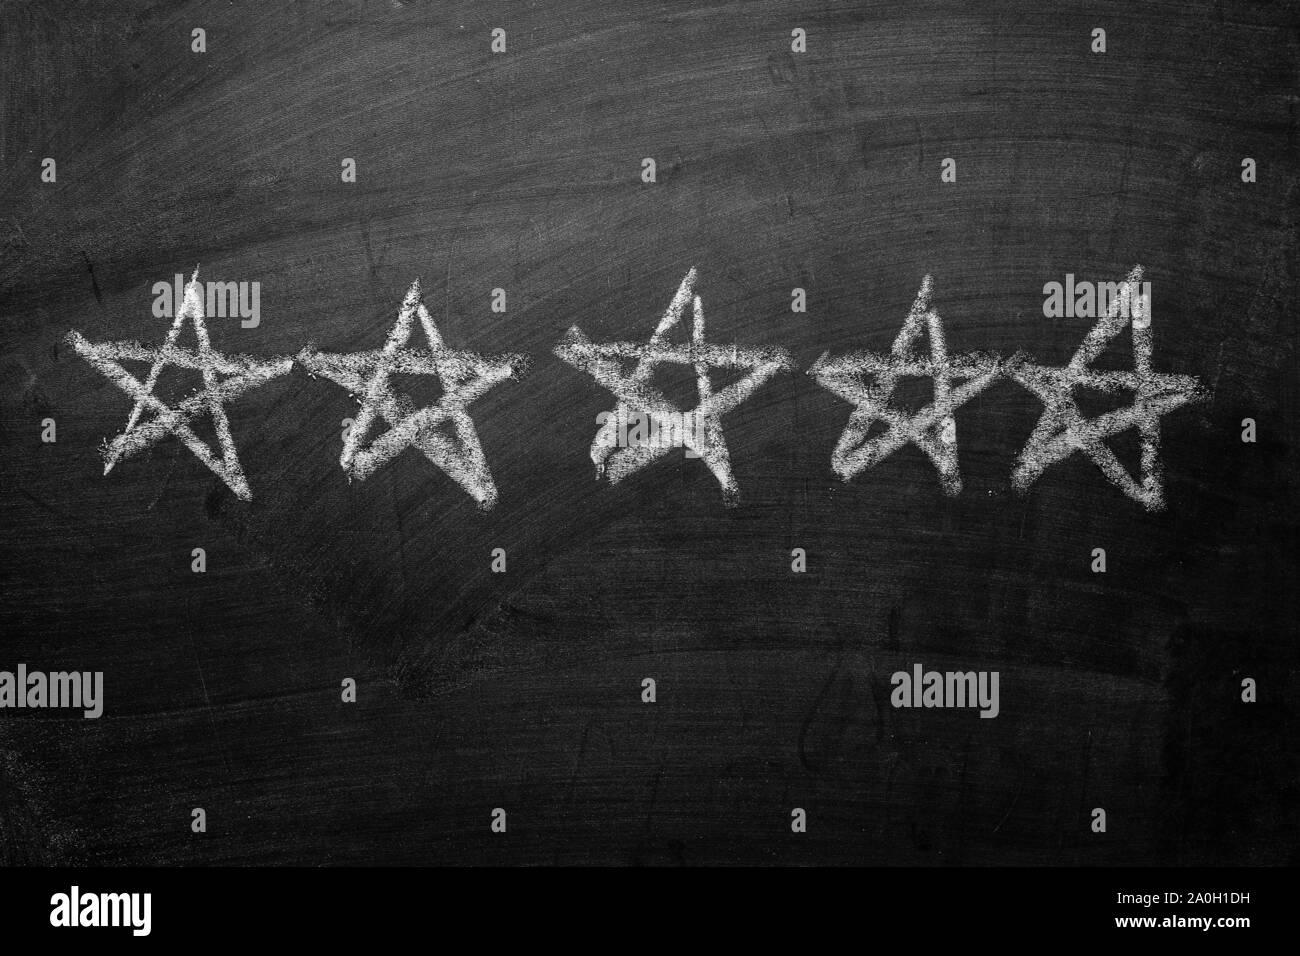 Fünf Sterne hand weißer Kreide auf einer Tafel in einer Reihe konzeptioneller eines fünf Sterne für Excellence gezeichnet Stockfoto